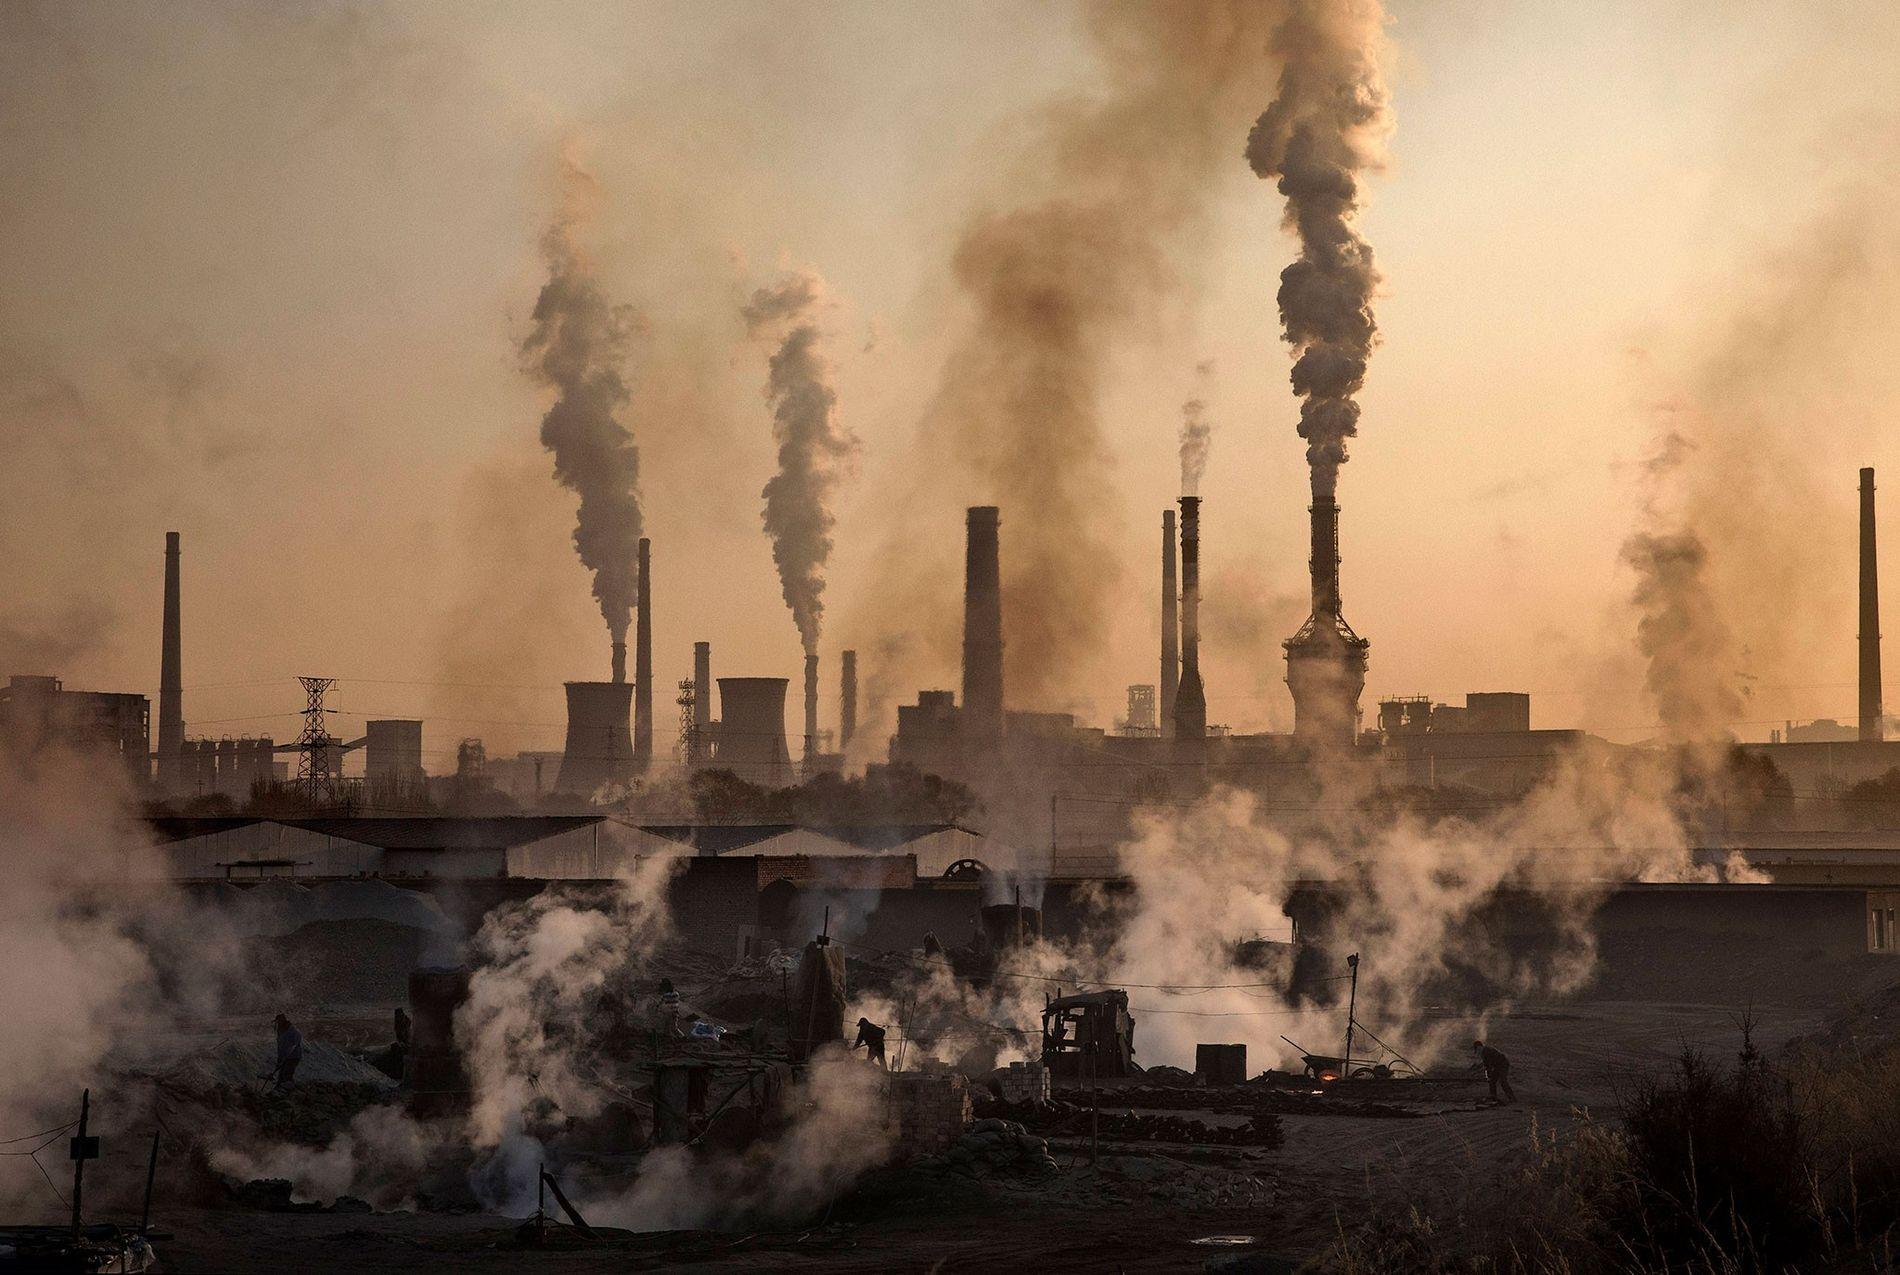 Rauch steigt aus einem großen Stahlwerk in China auf. Die WHO schätzt, dass neun von zehn Menschen weltweit schlechte Luft einatmen.